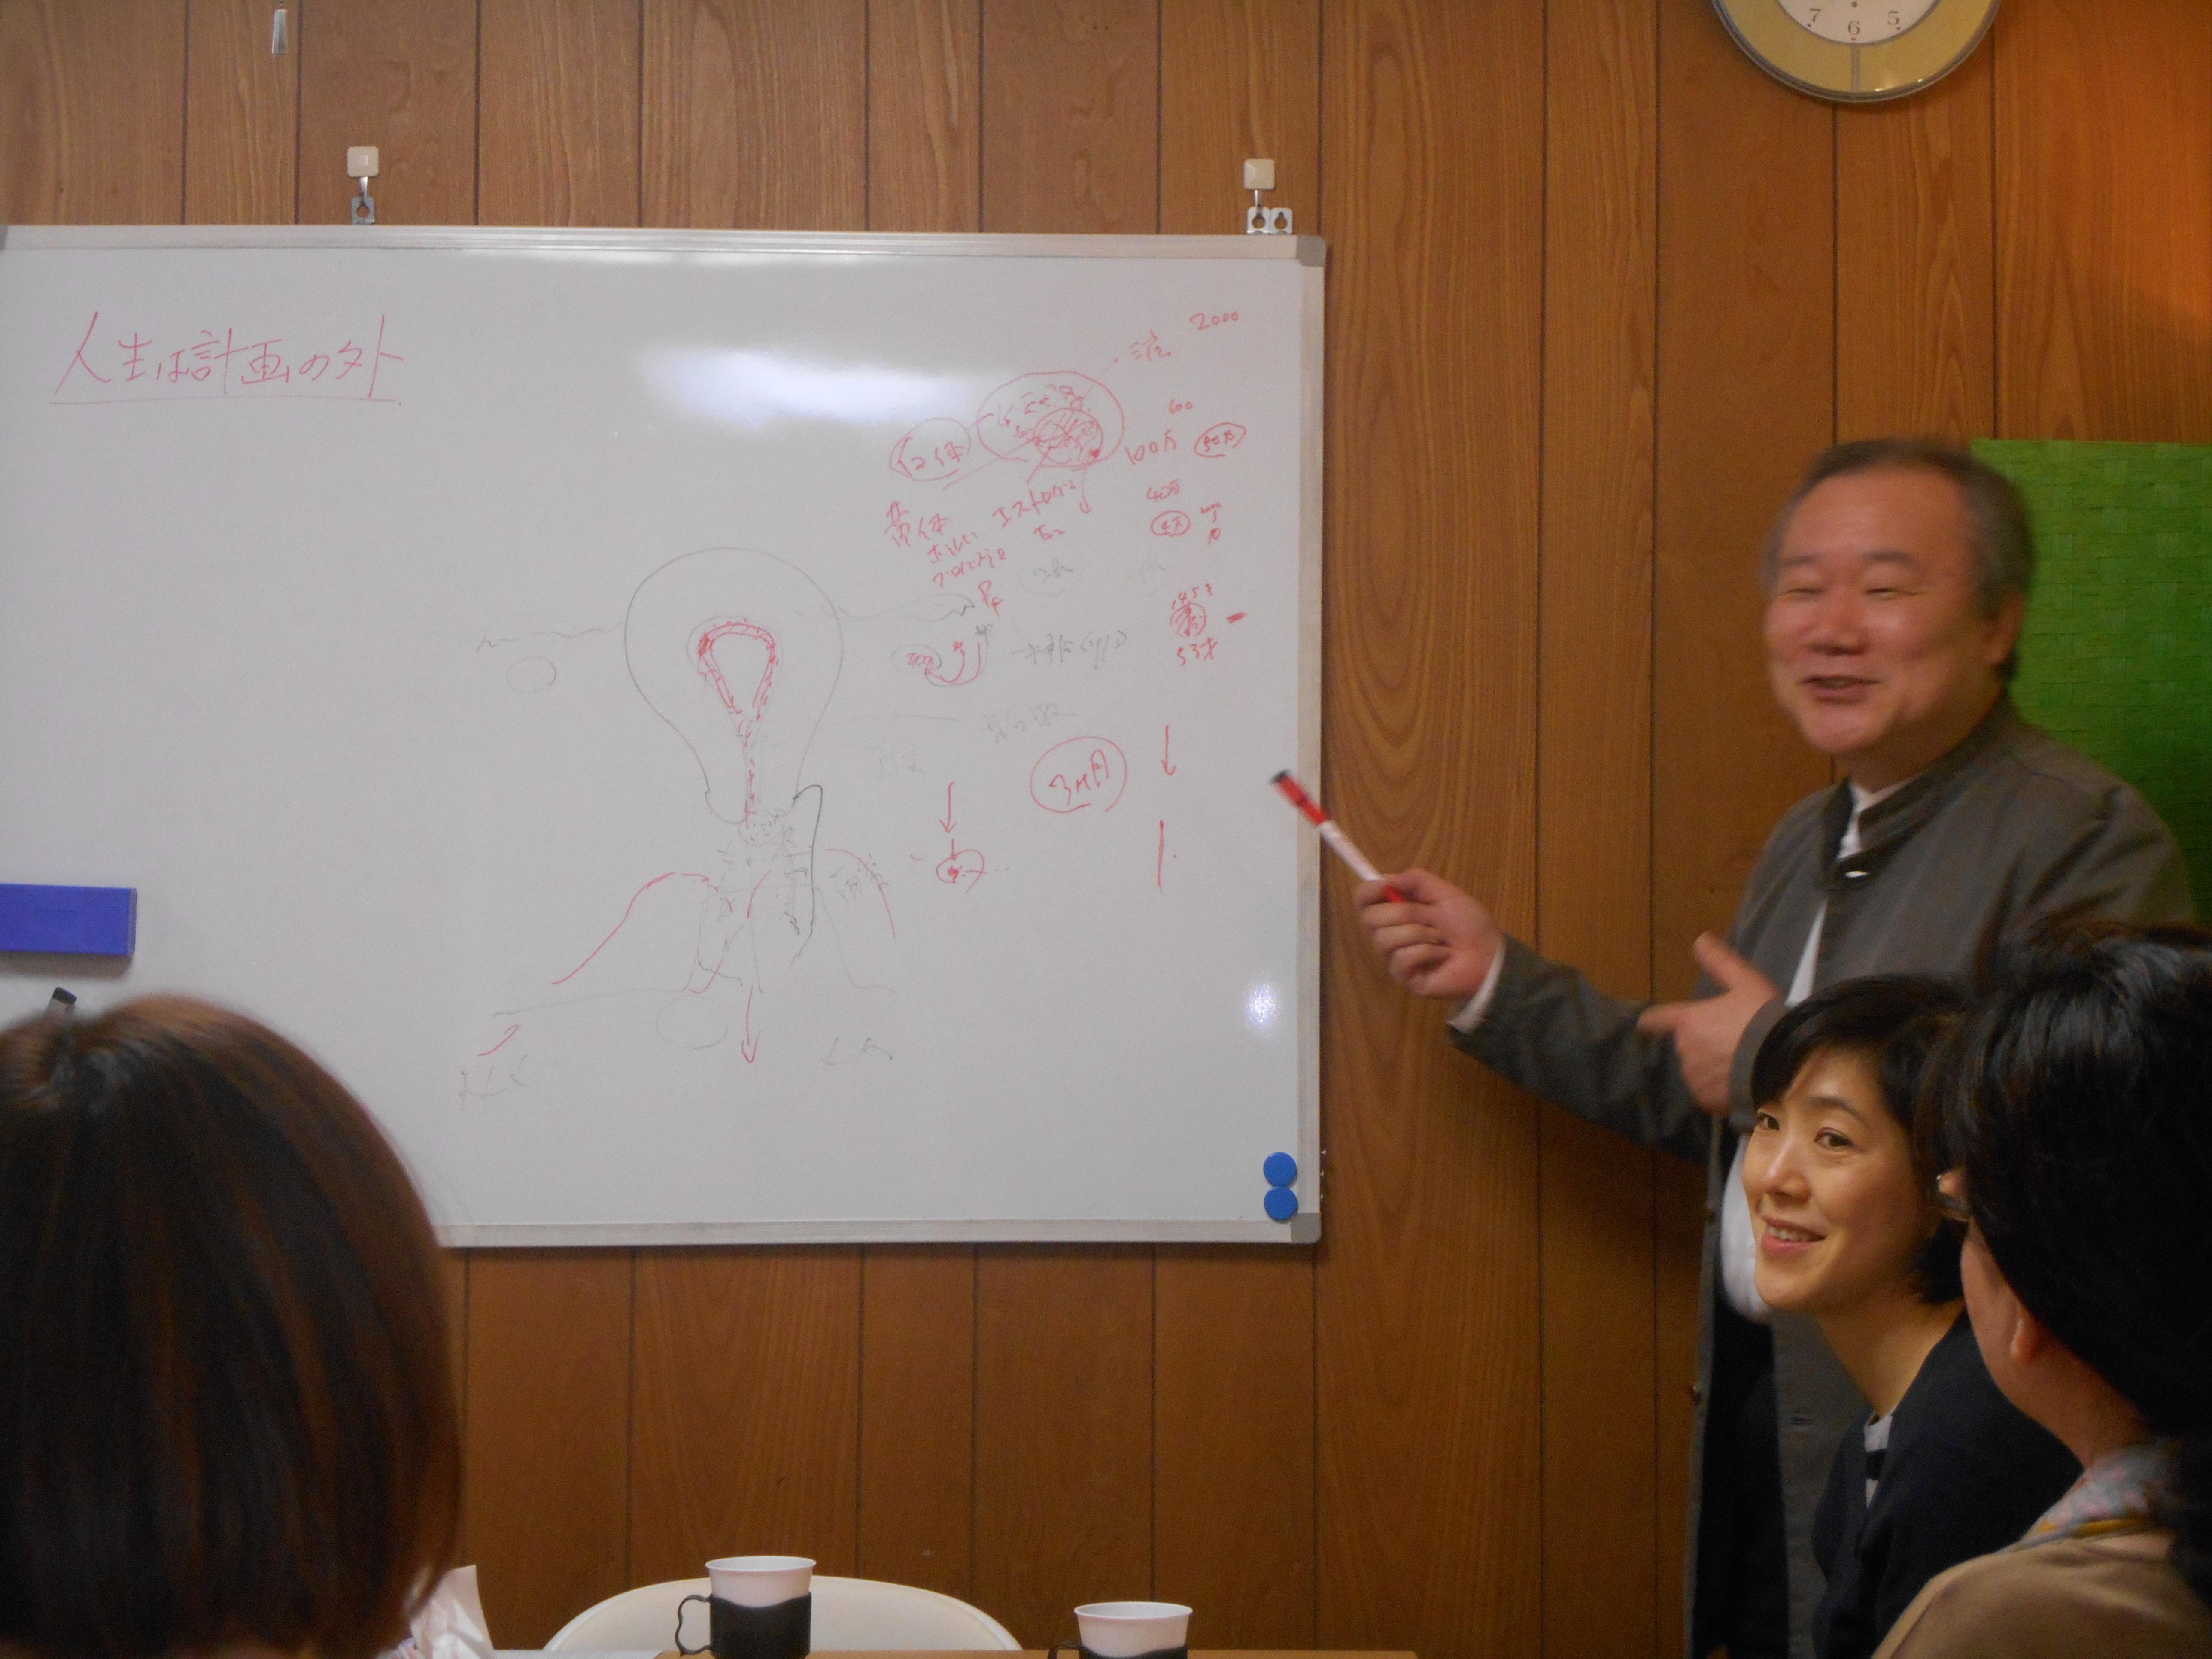 DSCN1171 1 - 愛の子育て塾14期第4講座